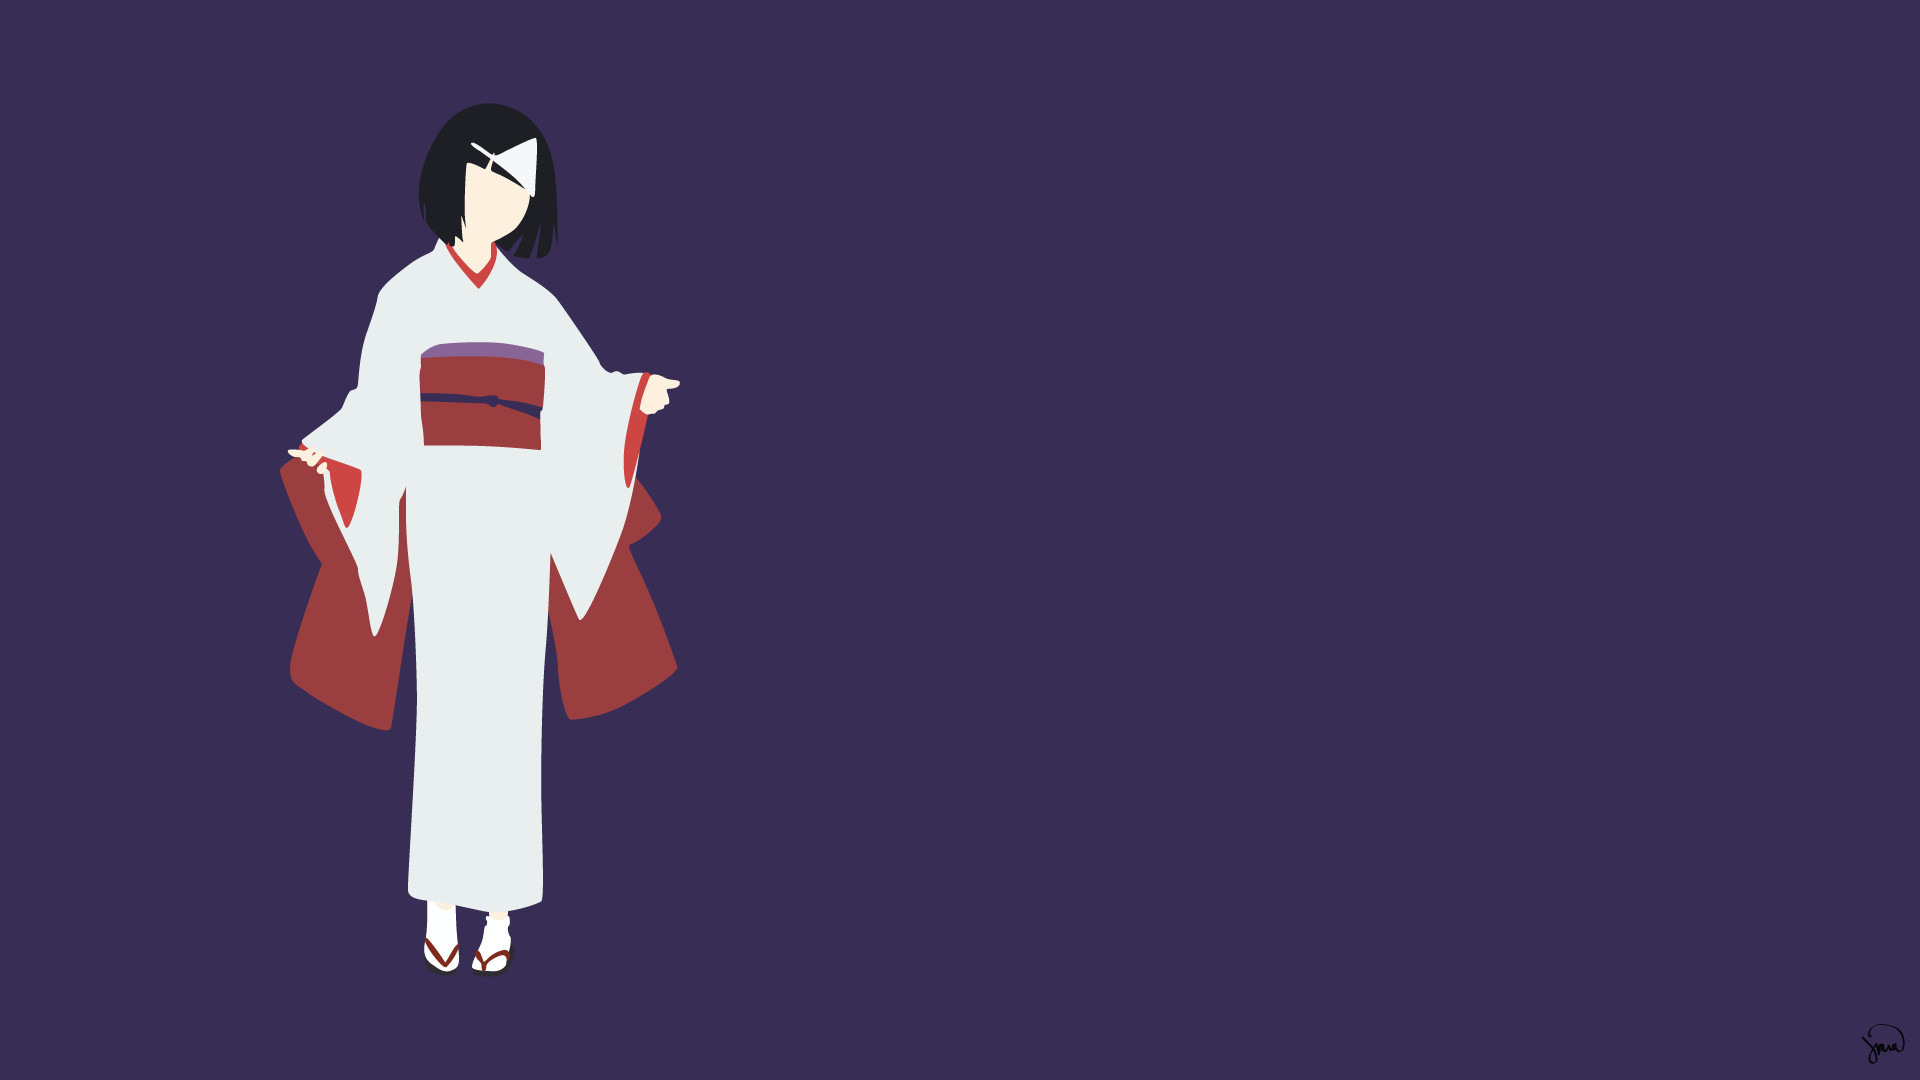 Noragami Yukine Wallpaper – WallpaperSafari